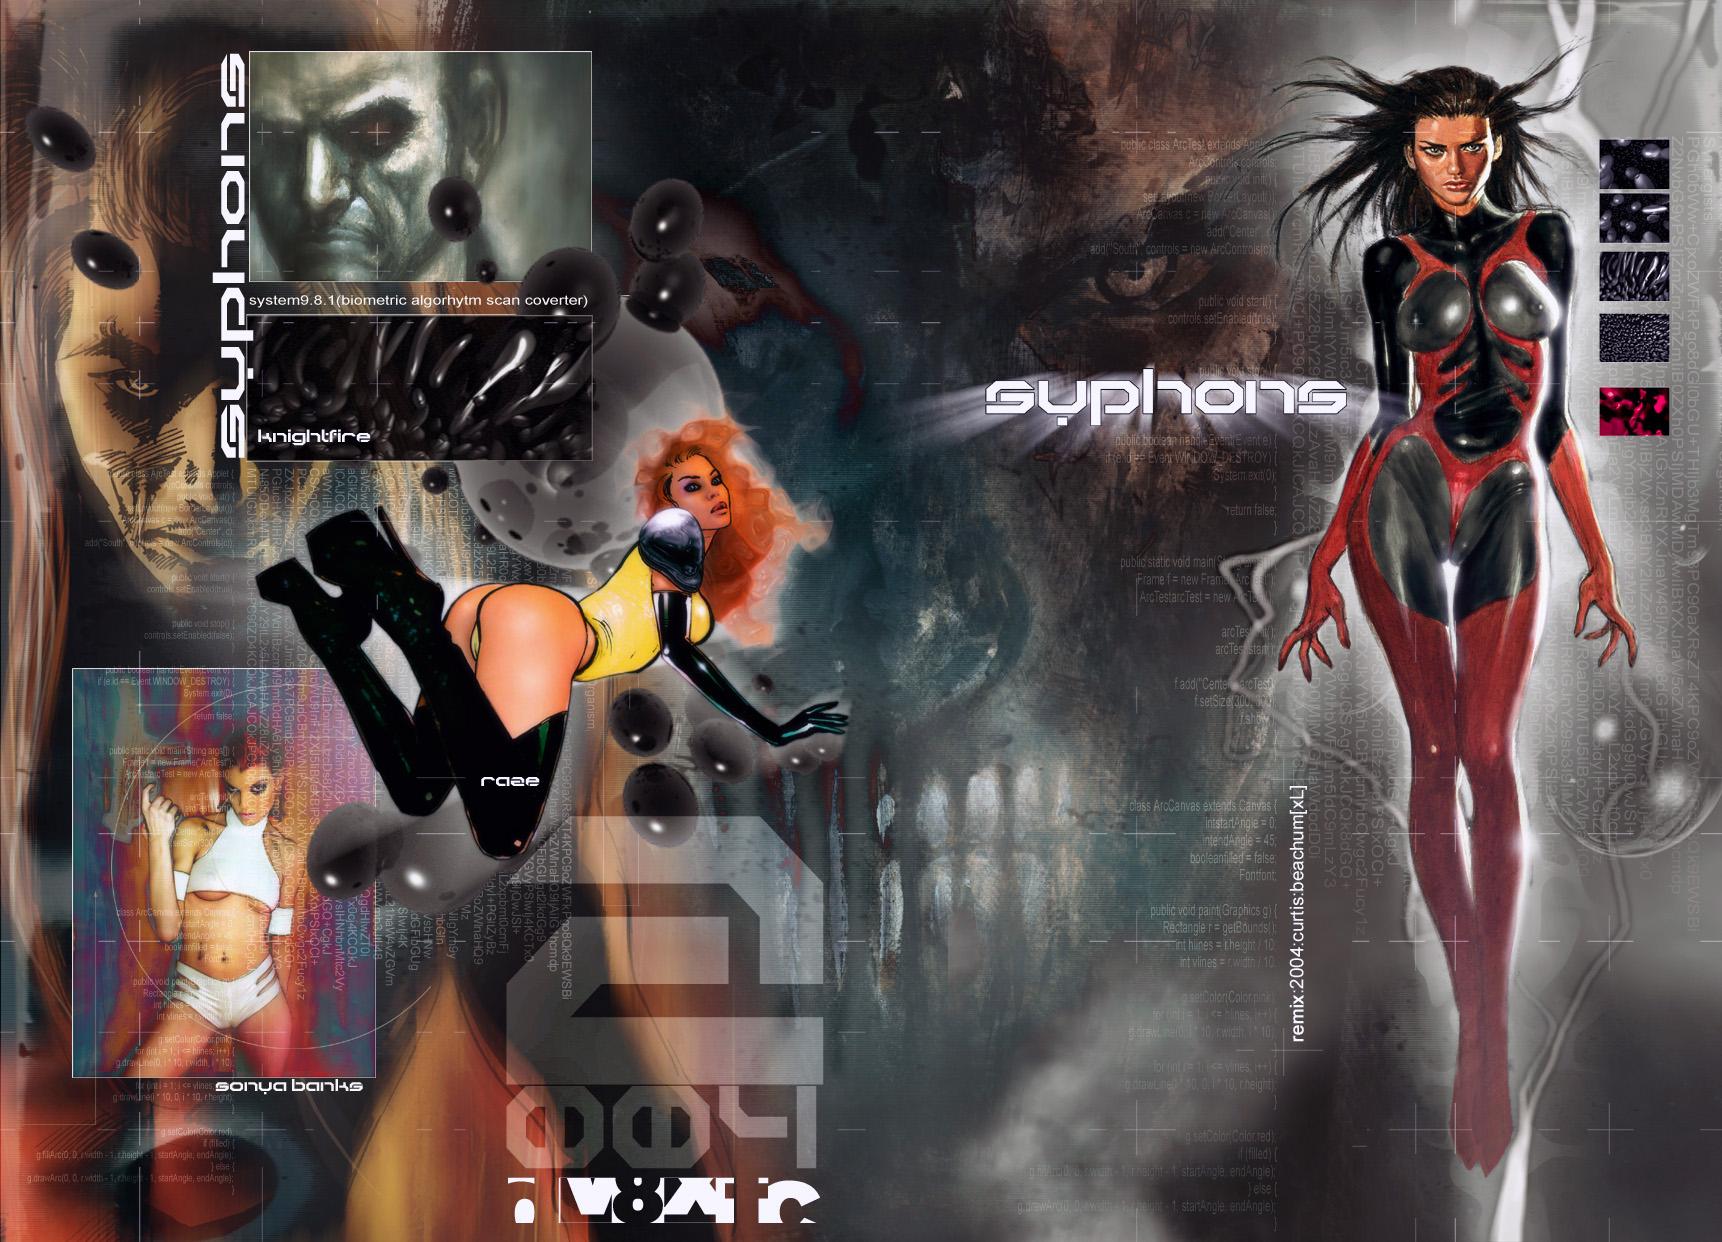 SYPHONS TPB [2004] 1